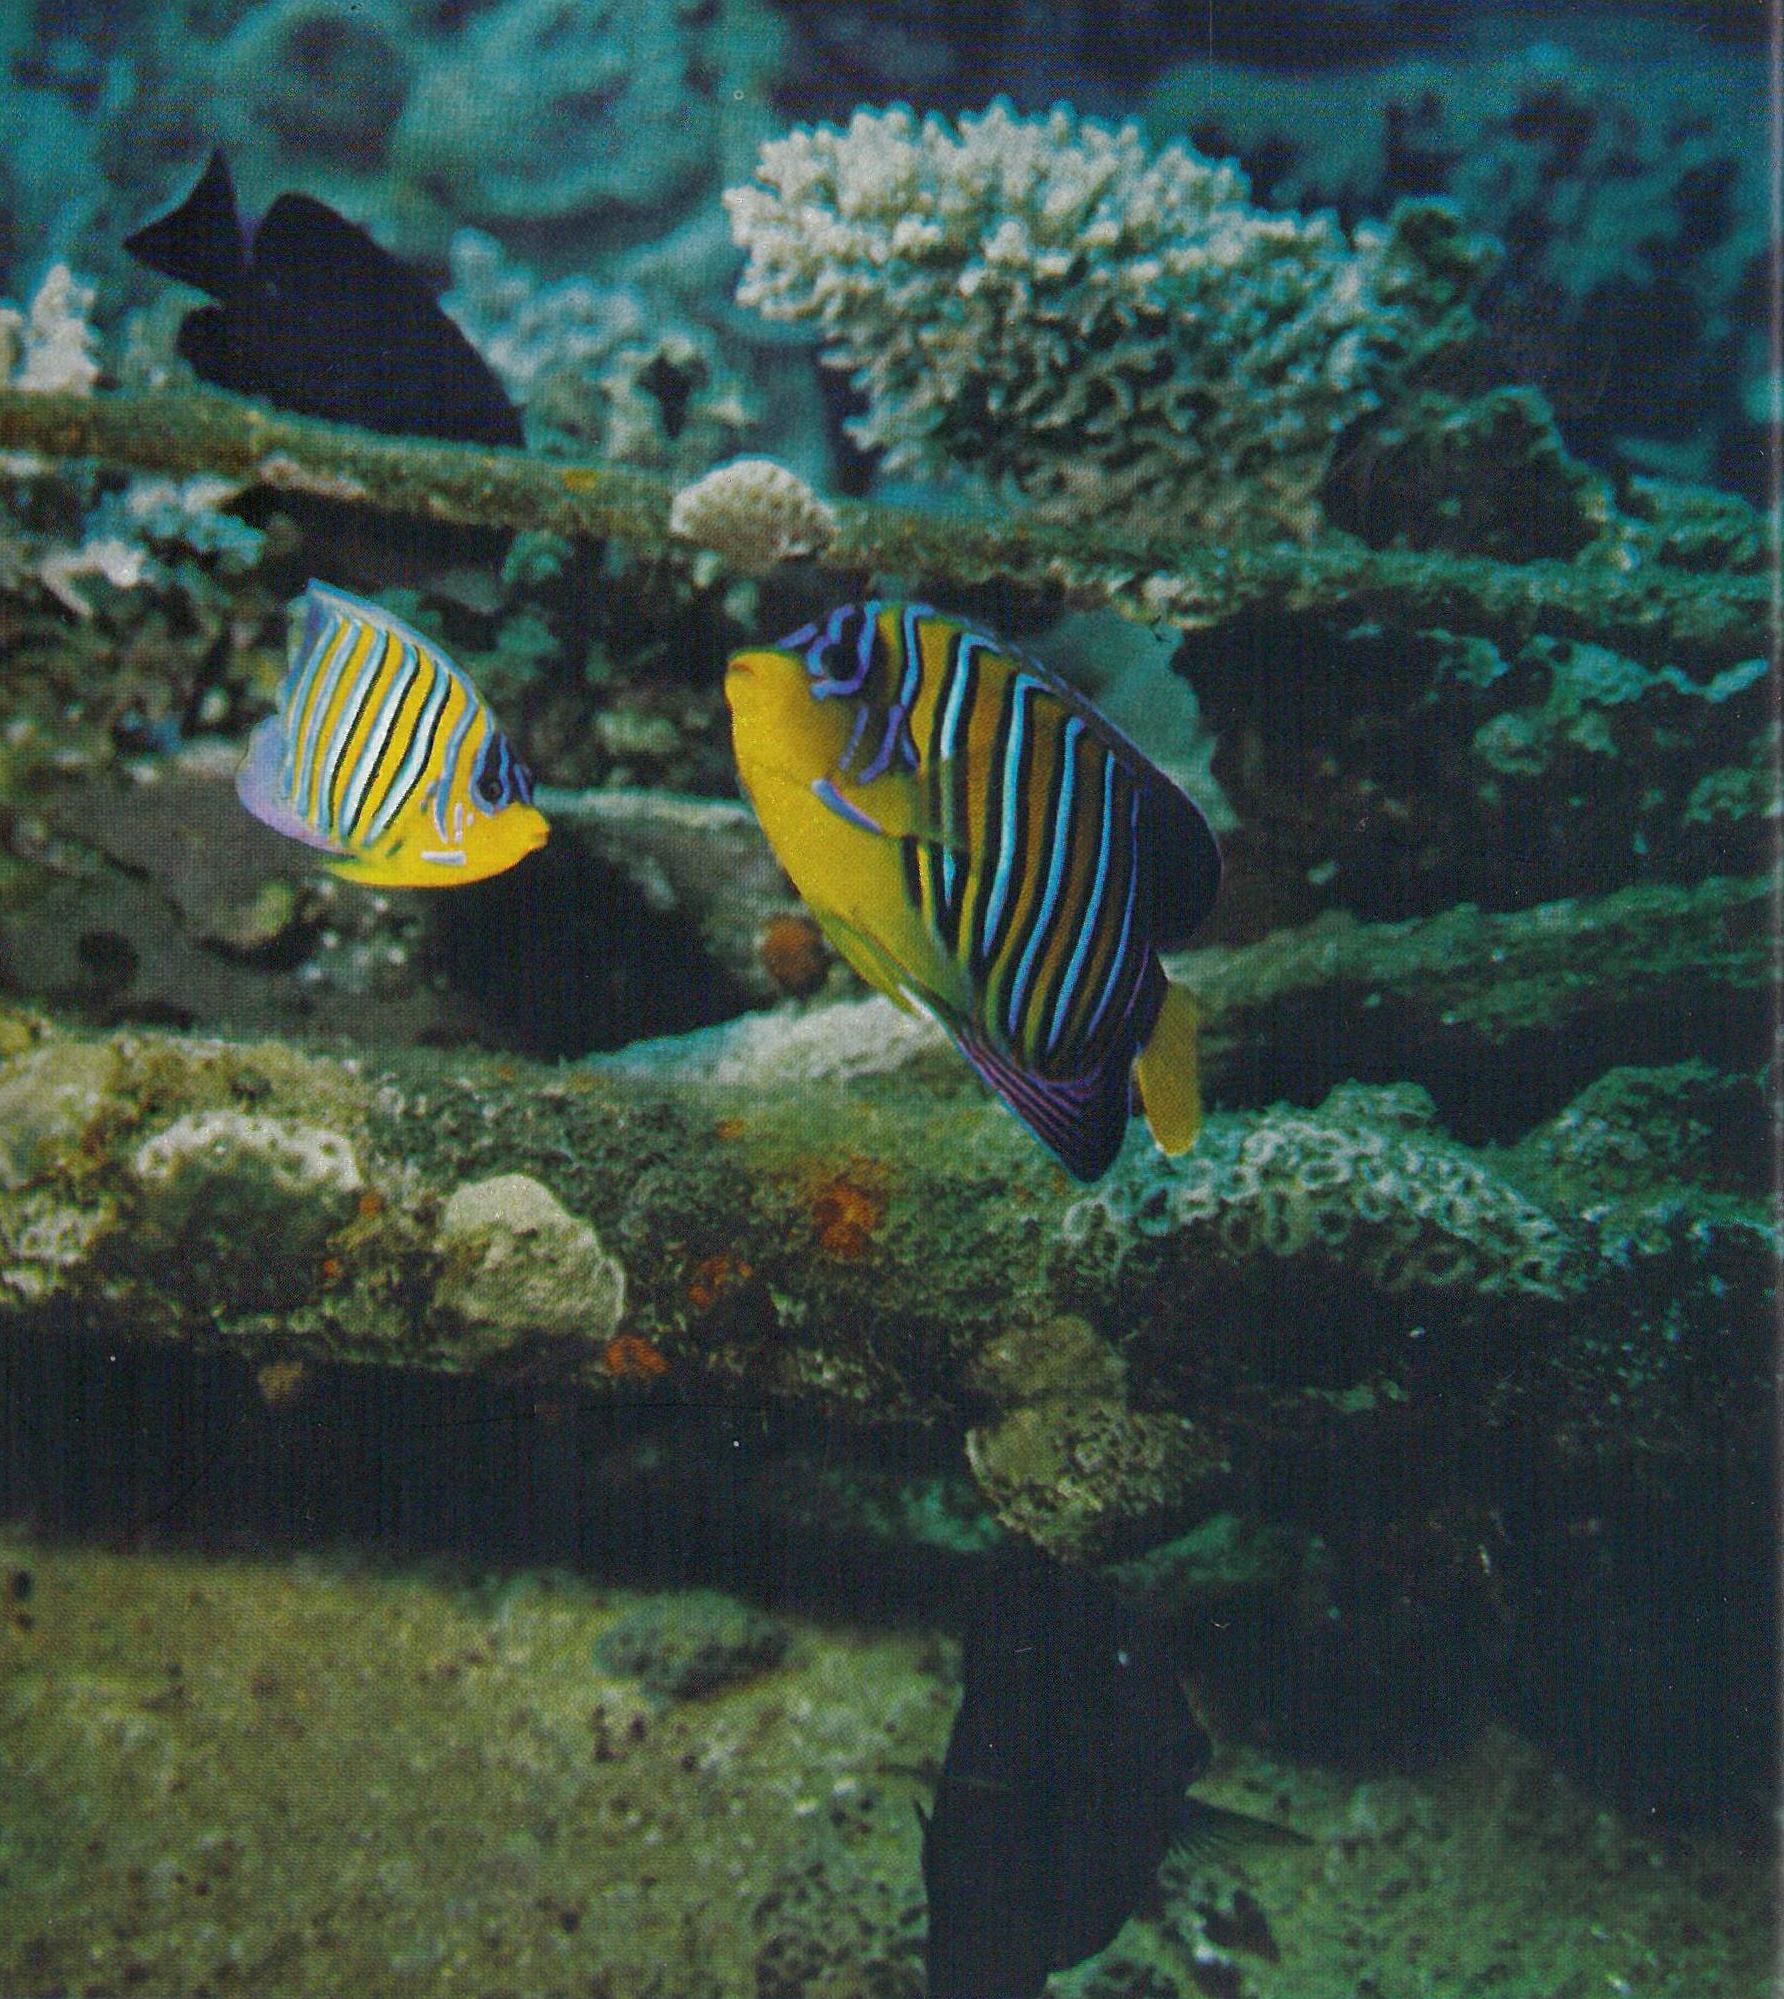 Fotografie eines Pfauen-Kaiserfisches (aus Sillner, Ludwig: Mit der Kamera auf Unterwasserjagd)